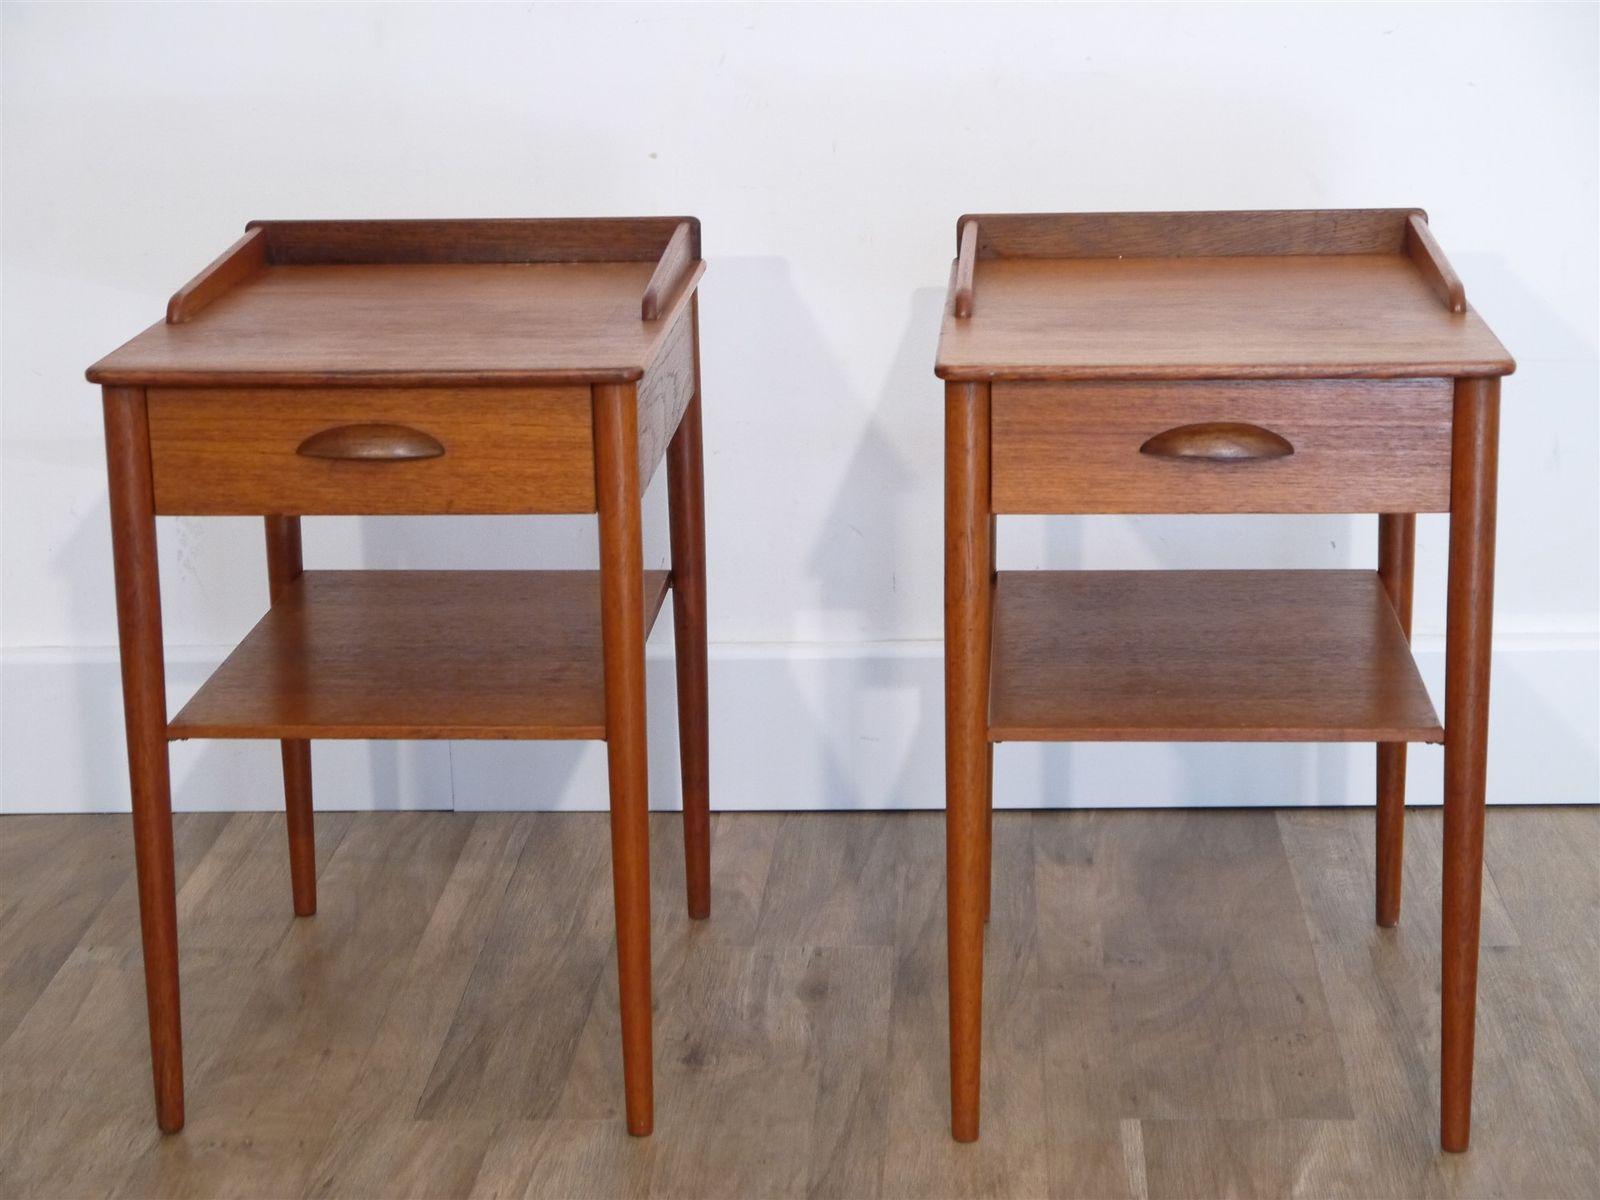 vintage scandinavian teak nightstands 1960s set of 2 bei pamono kaufen. Black Bedroom Furniture Sets. Home Design Ideas